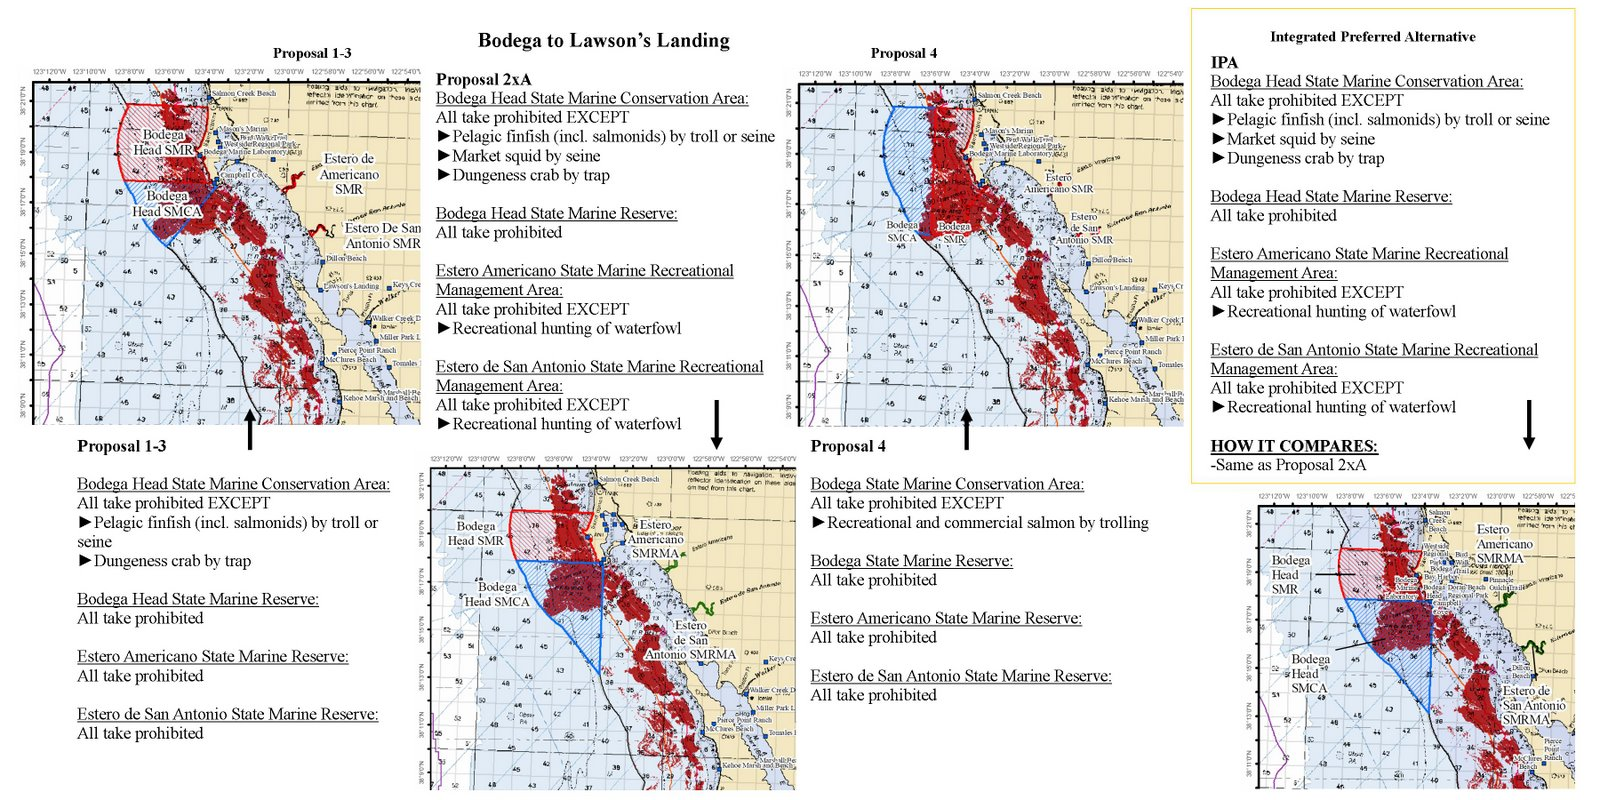 Bodega to Lawson's Landing